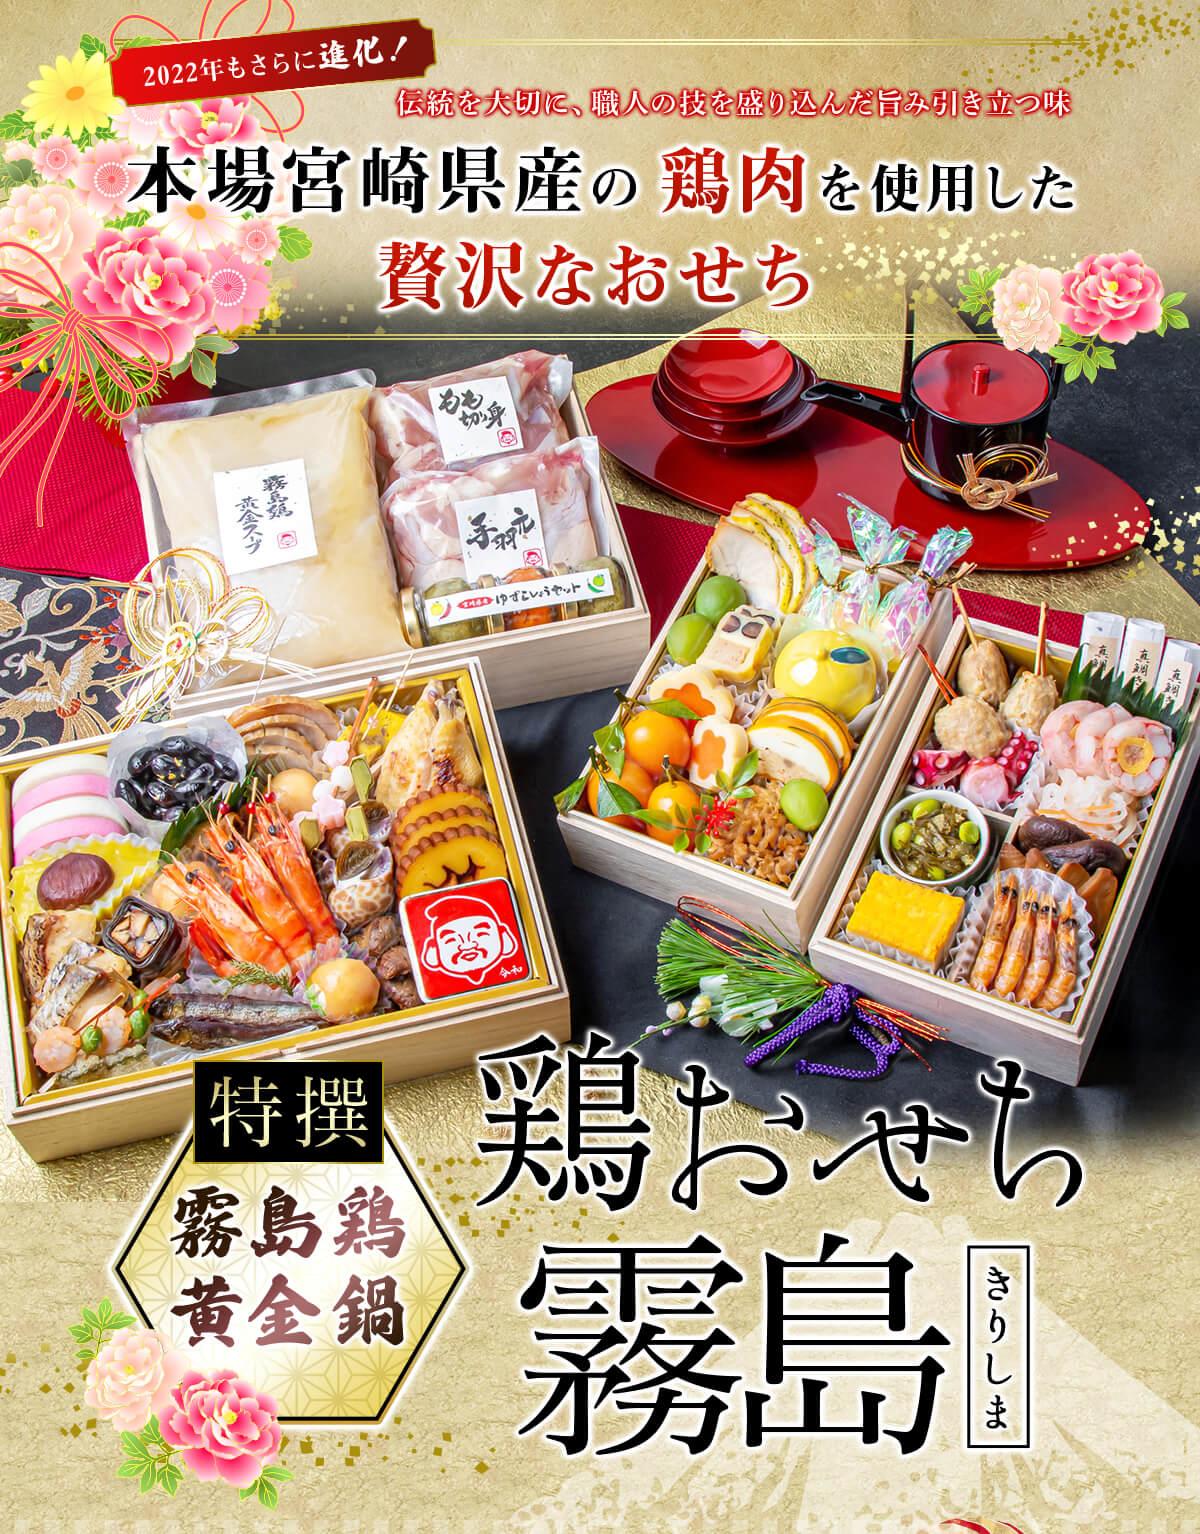 本場宮崎県産の鶏肉を使用した贅沢なおせち 『特撰』鶏おせち霧島